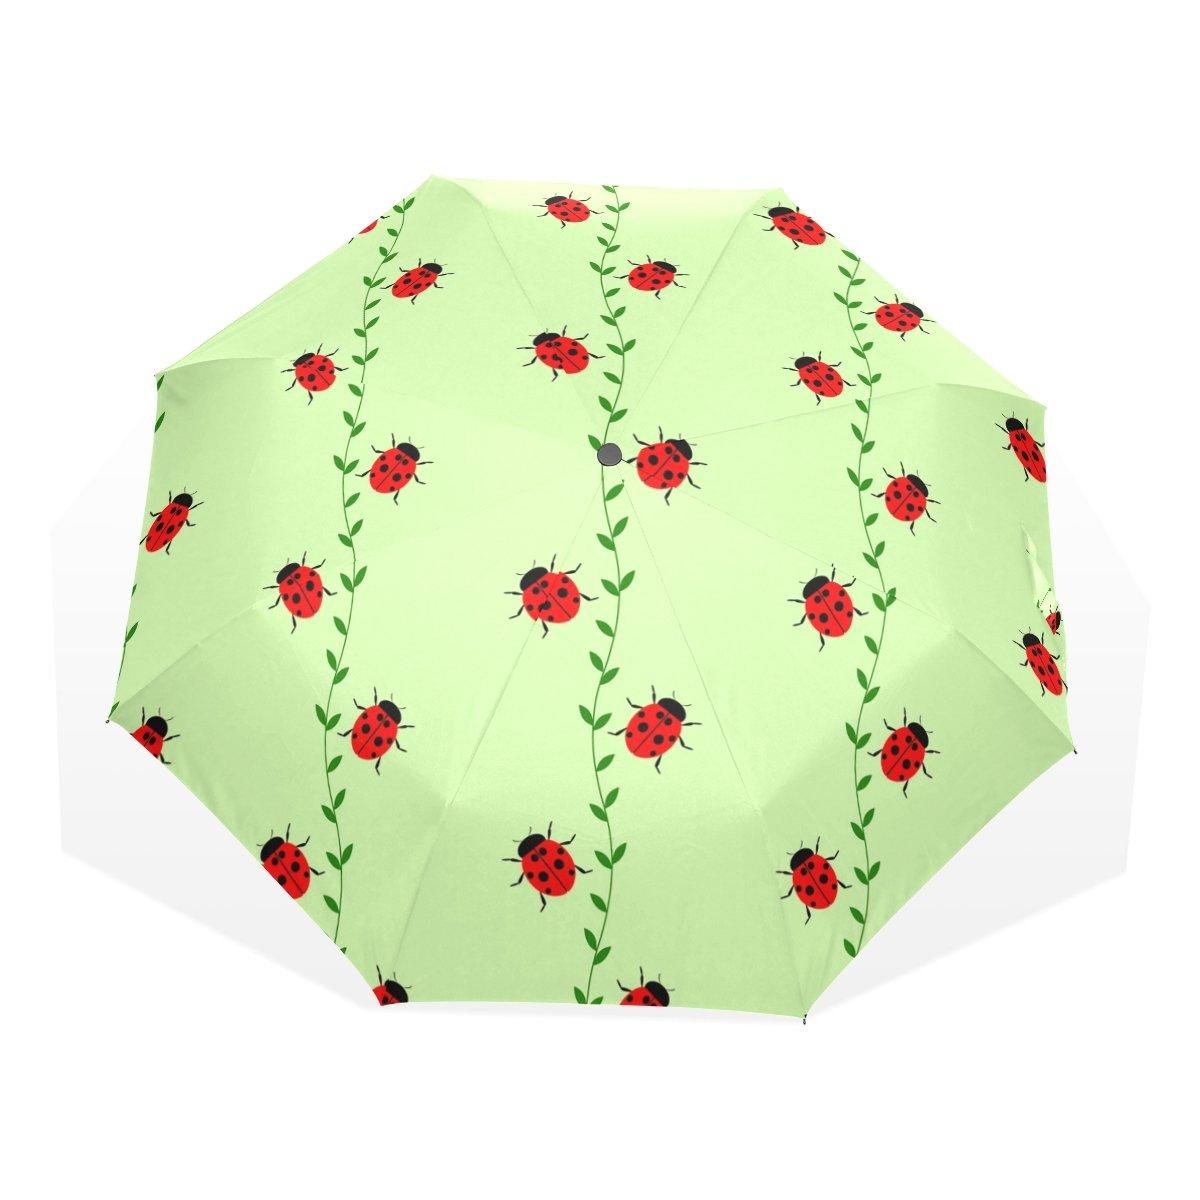 EZIOLY Little coccinelles Voyage Parapluie Pliable Compact Soleil et de la Pluie Protection Coupe-Vent Portable Parapluie pour Enfants Femmes Hommes